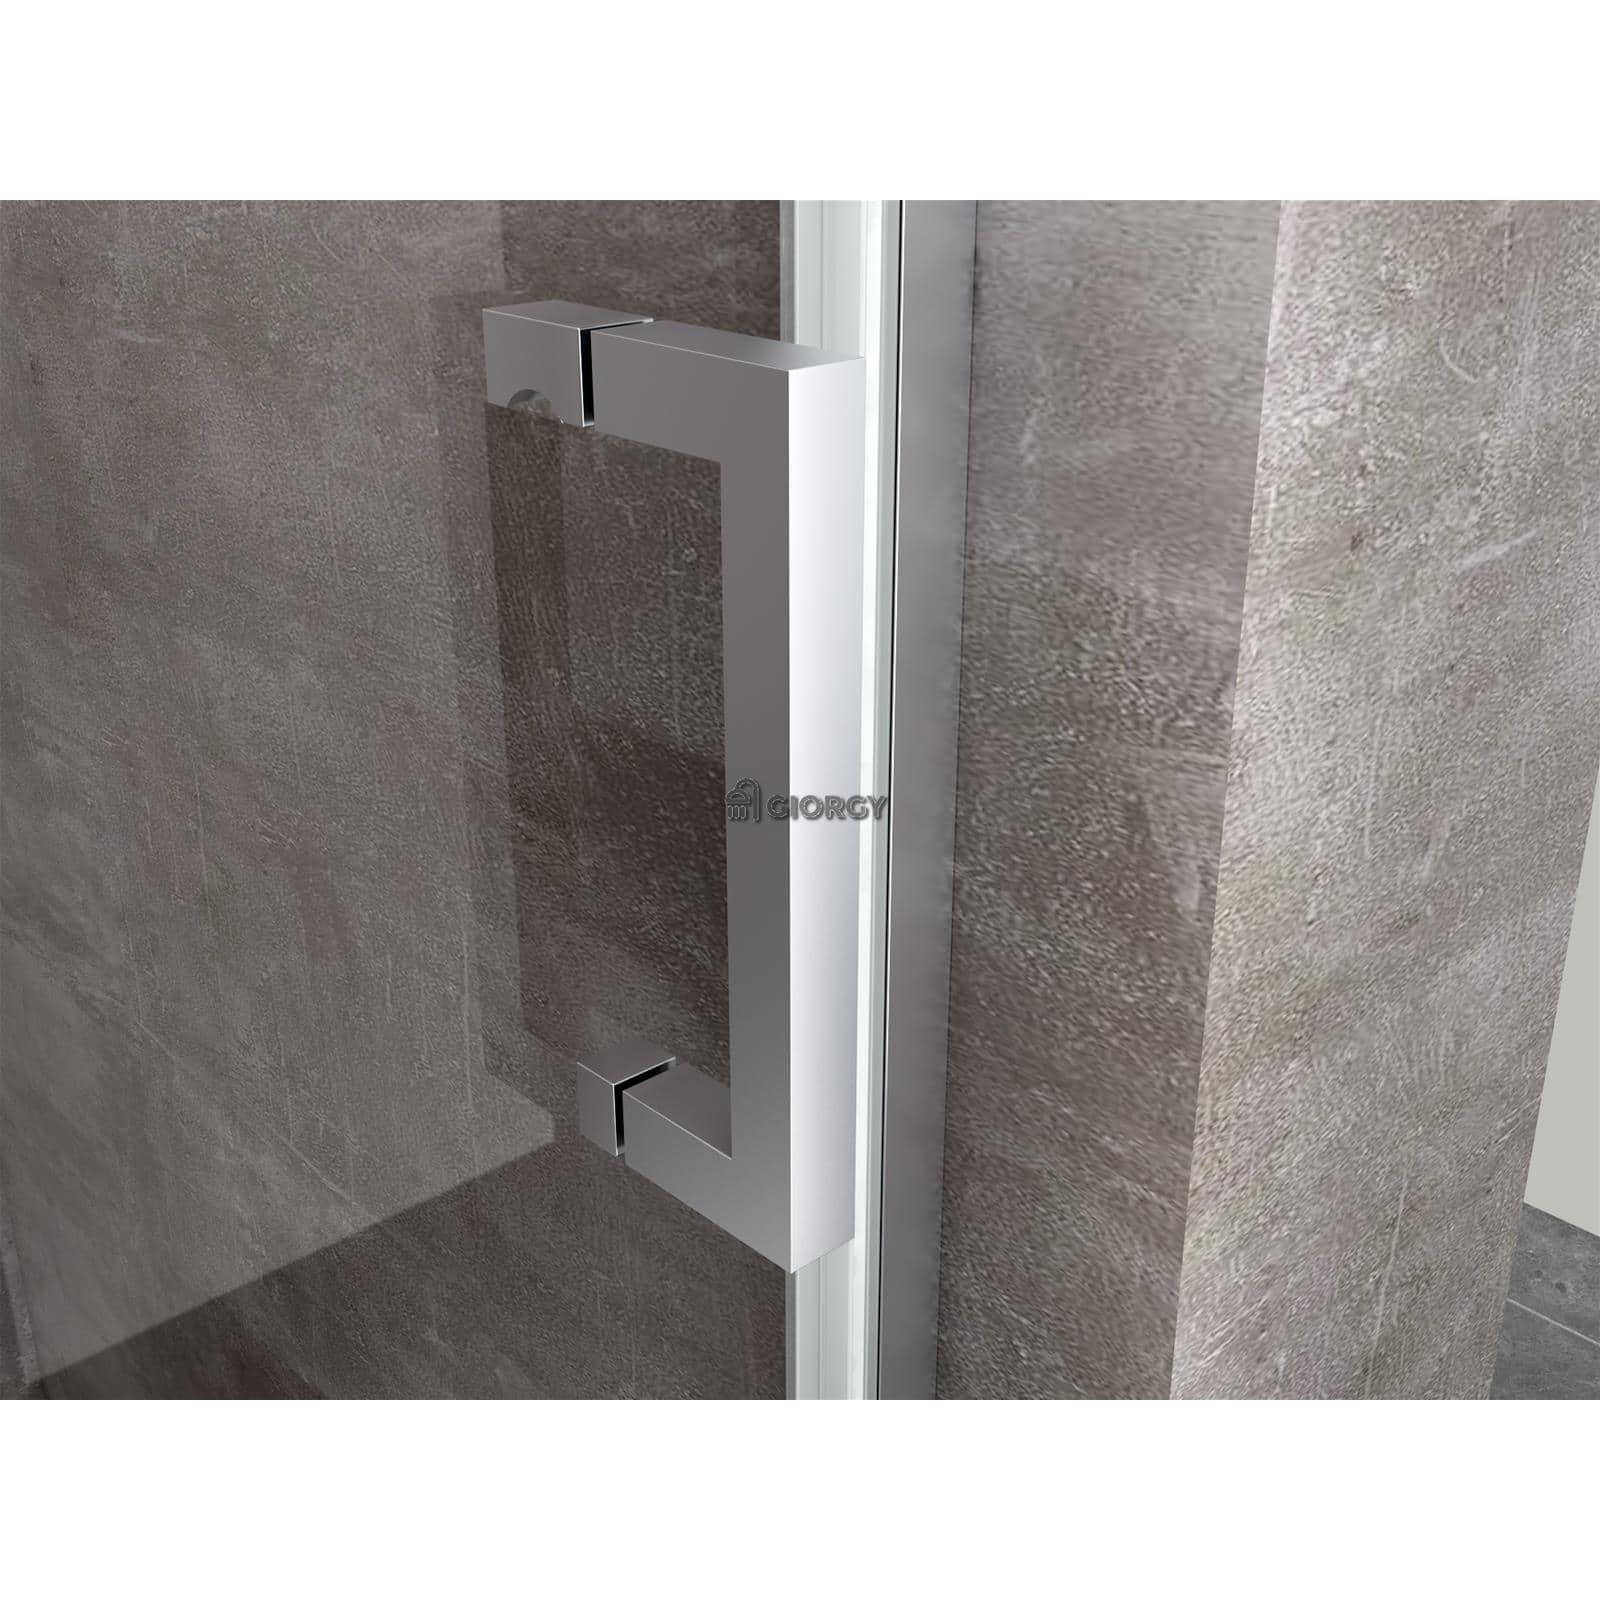 beh lter f r fruchtsalat dusche anta zum schieben nische kristall 8 mm 100 120 ebay. Black Bedroom Furniture Sets. Home Design Ideas